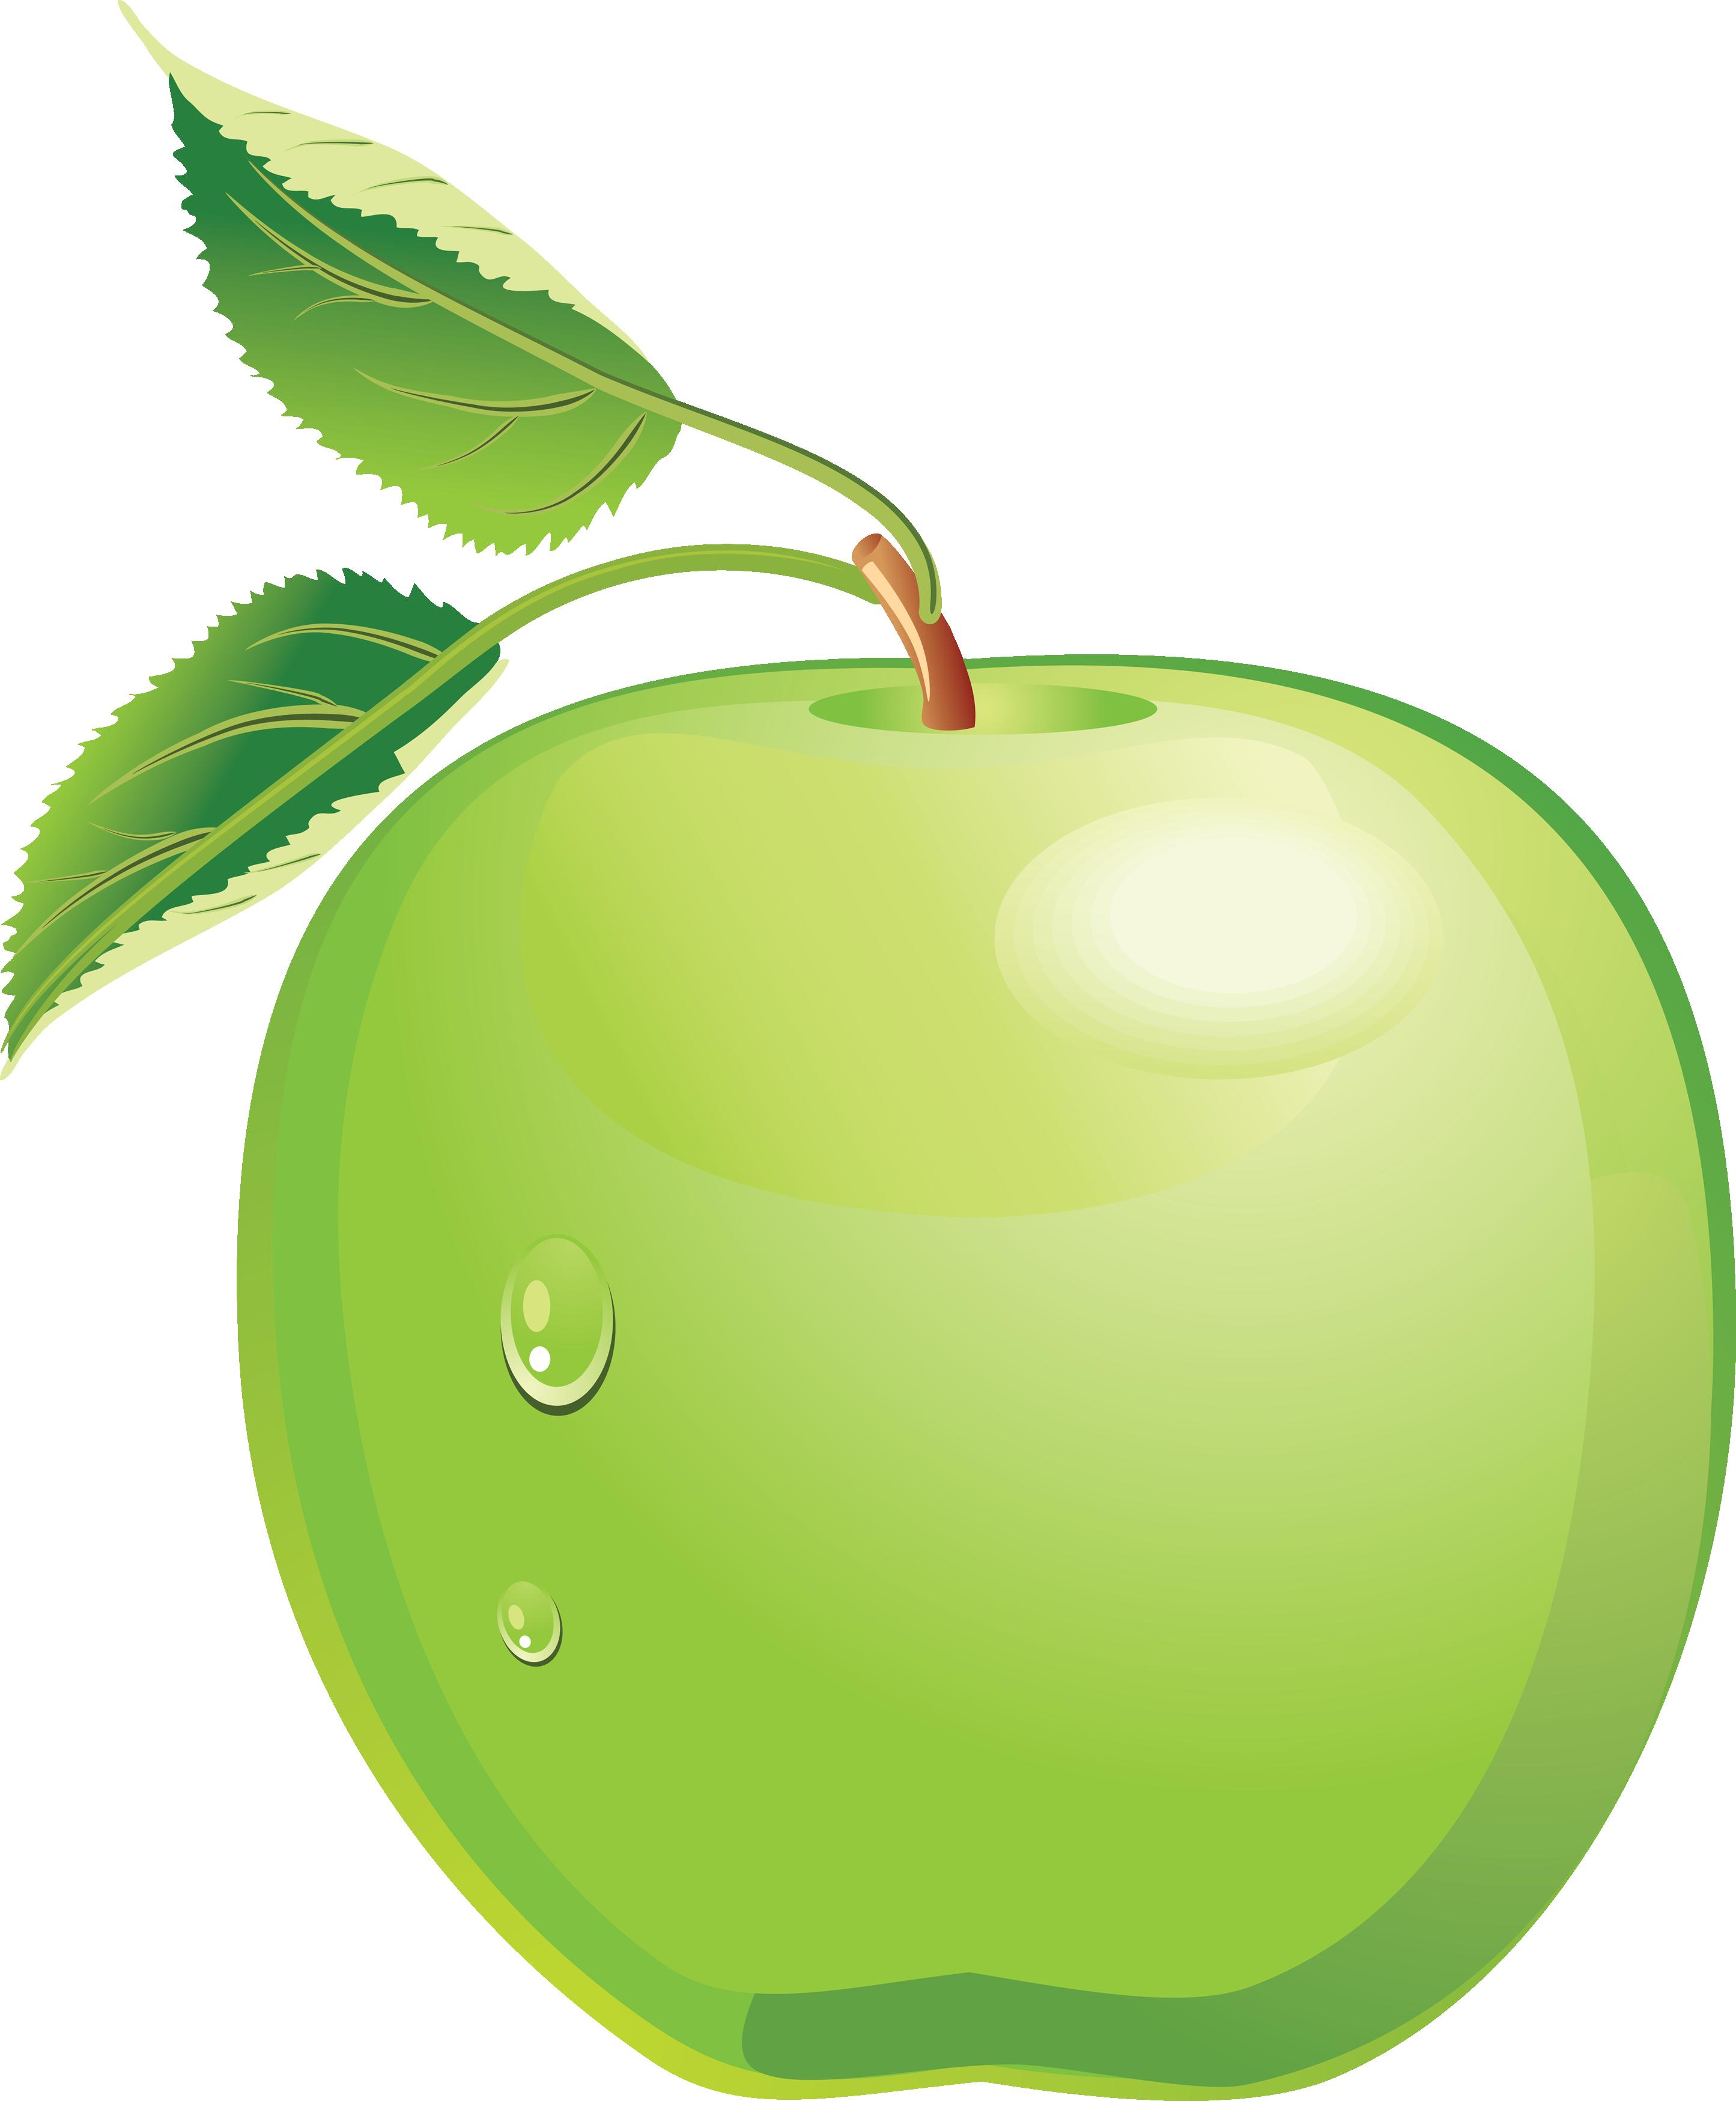 Green Apple Clip Art u2013 Clipart .-Green Apple Clip Art u2013 Clipart .-13